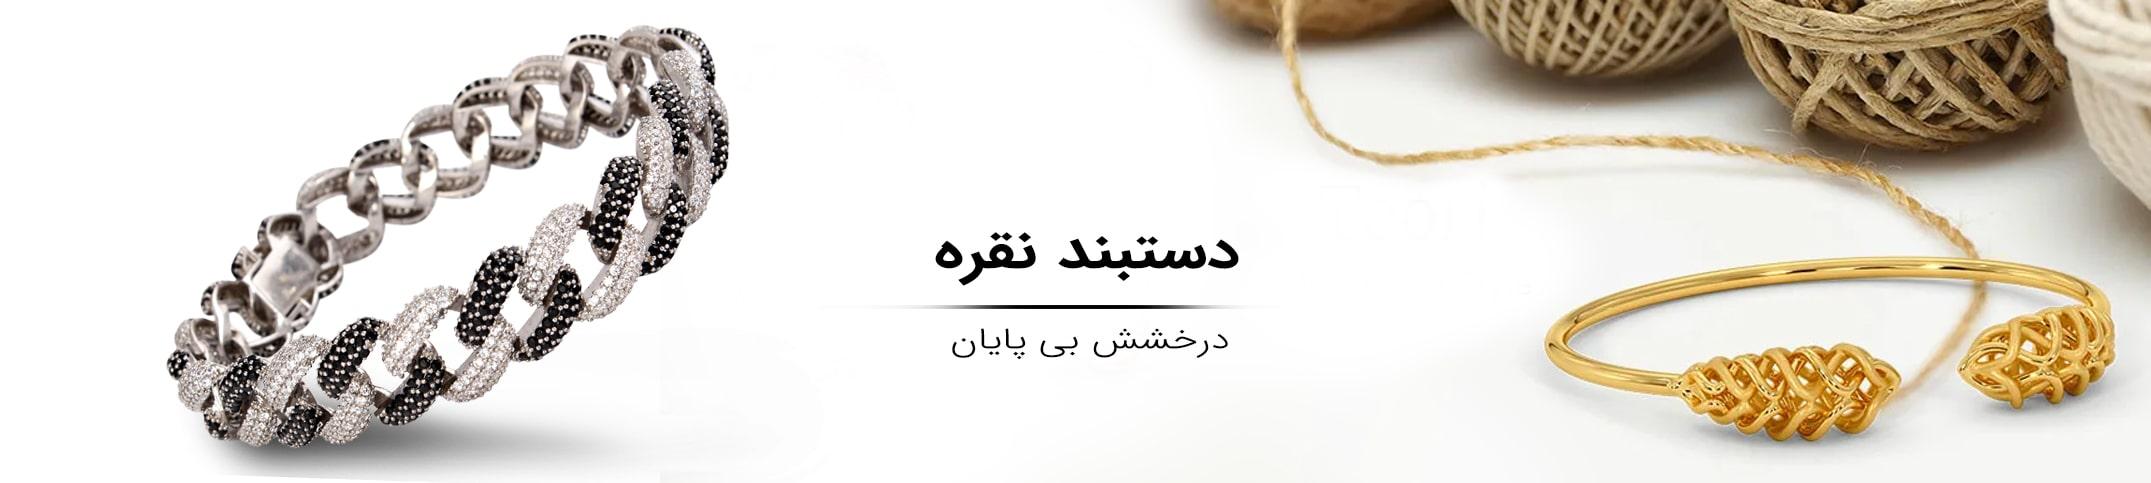 مشاهده و خرید دستبند نقره